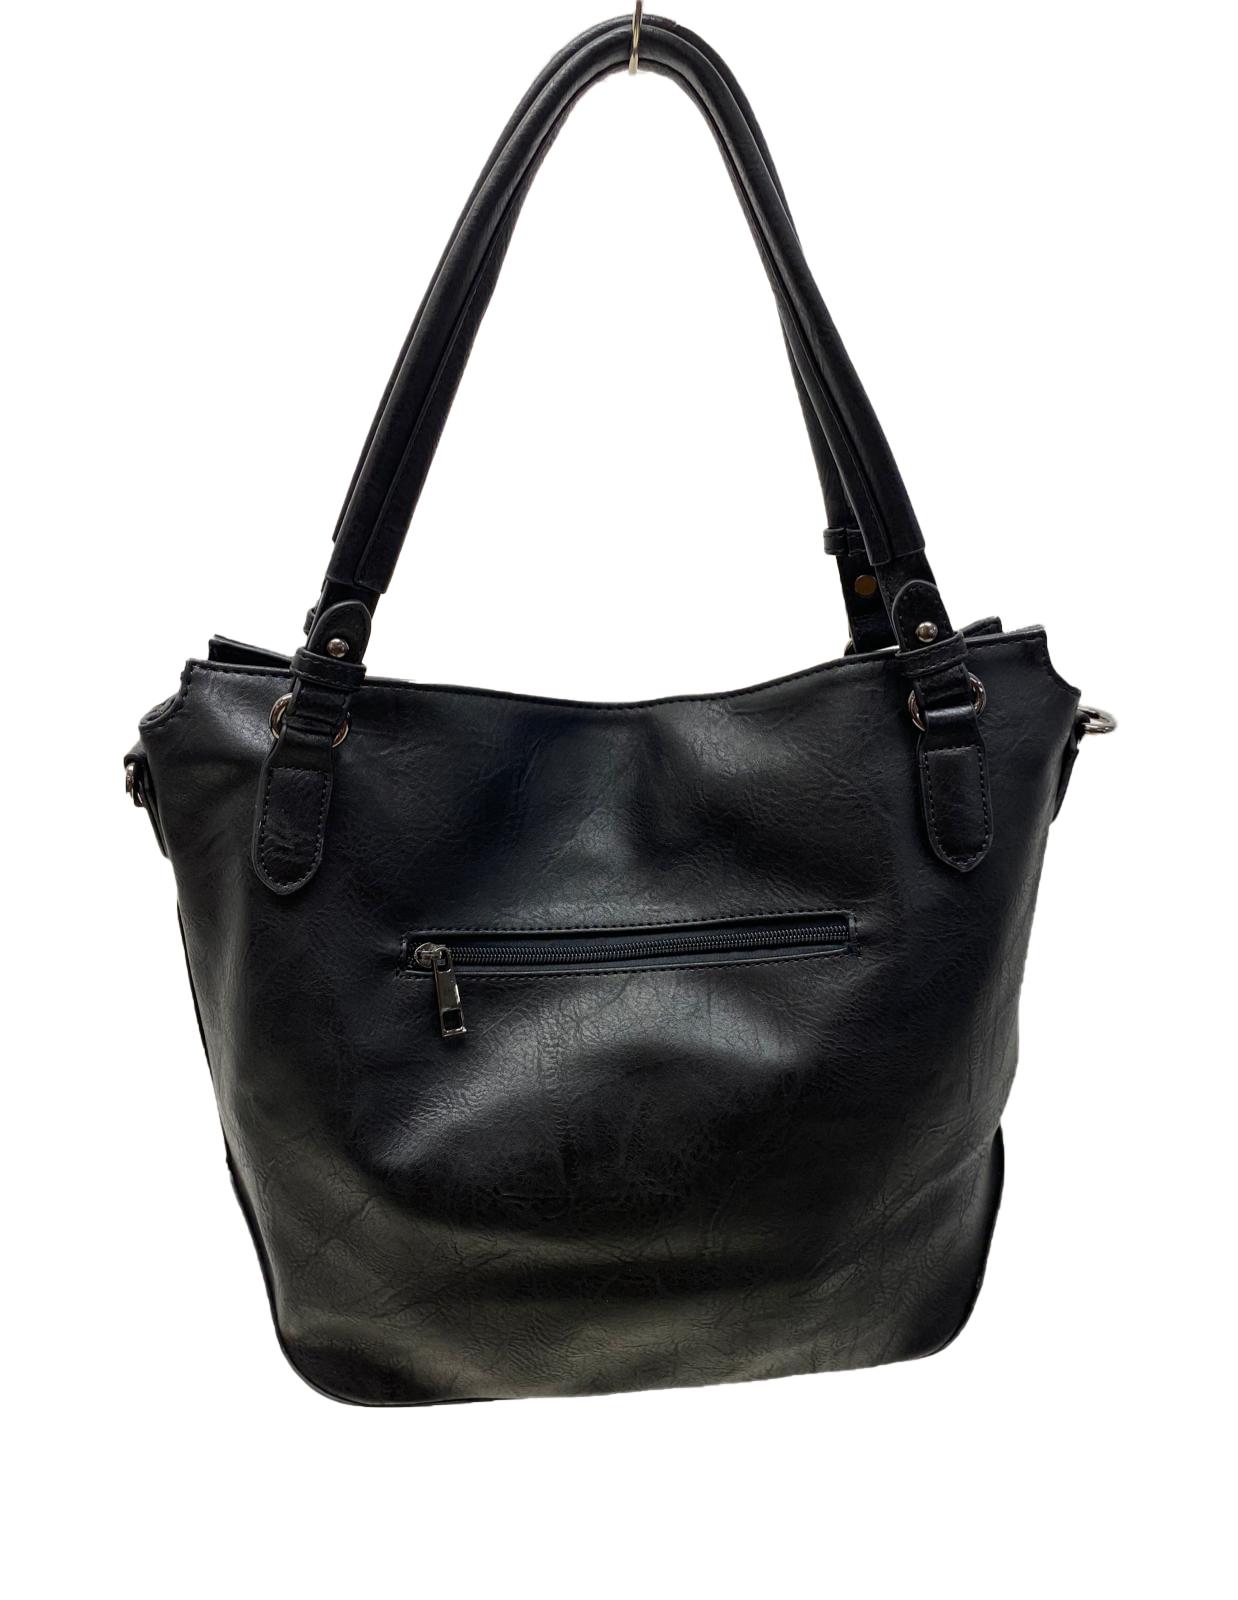 Handtasche mit Totenkopf/Lederoptik und Strass